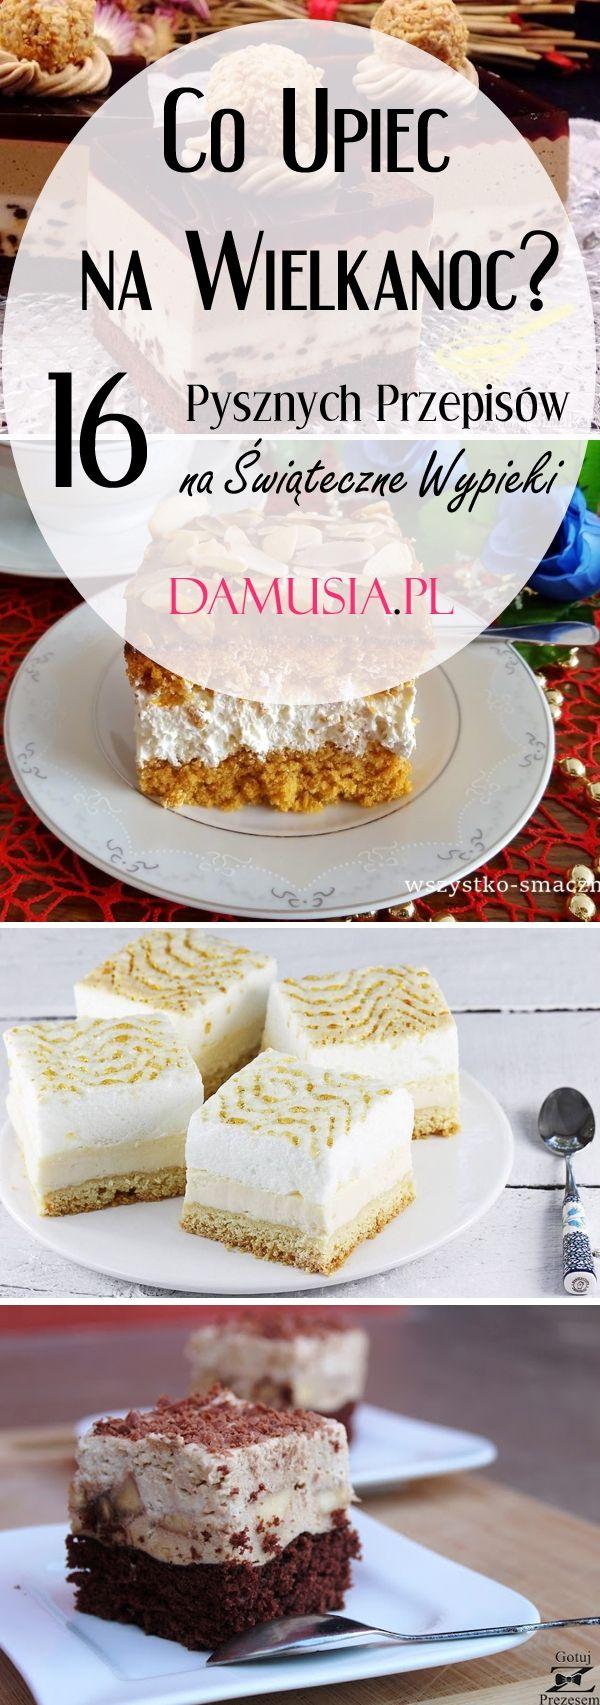 Co Upiec Na Swieta Wielkanocne 16 Pysznych Przepisow Na Swiateczne Wypieki Desserts Food Food And Drink